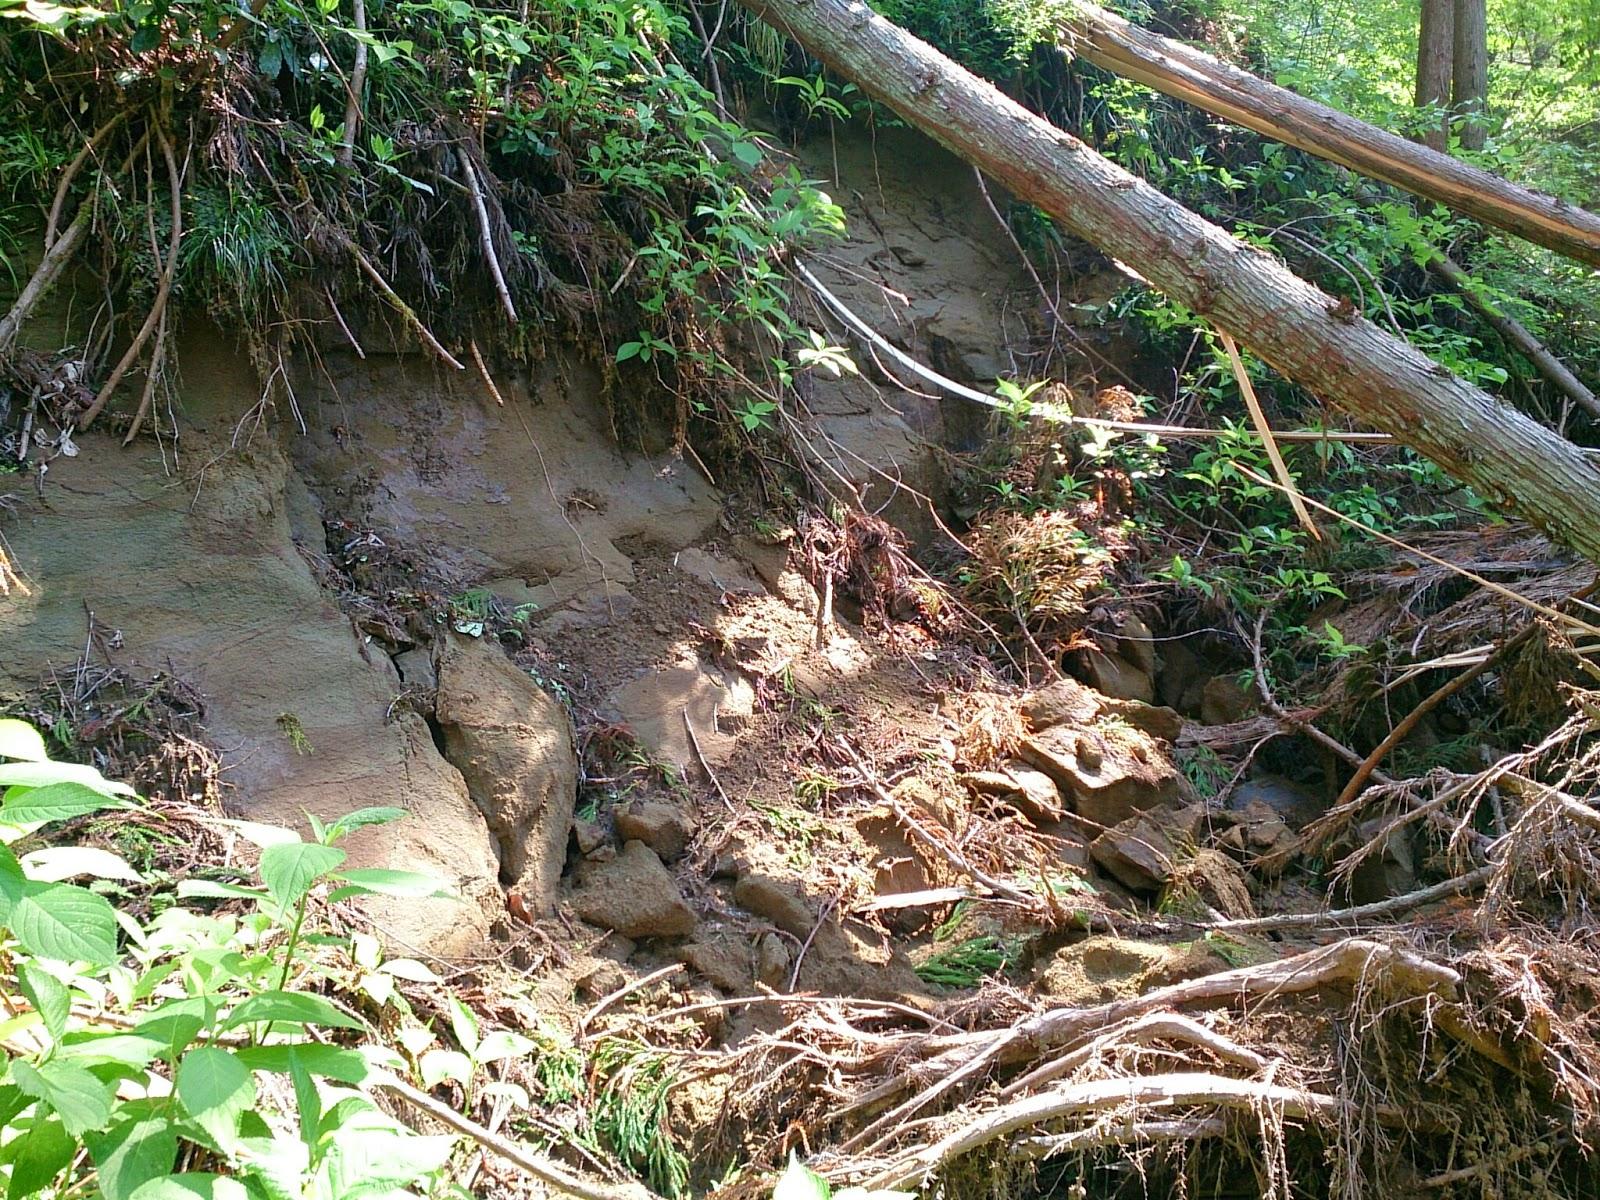 杉ごと崩れた斜面